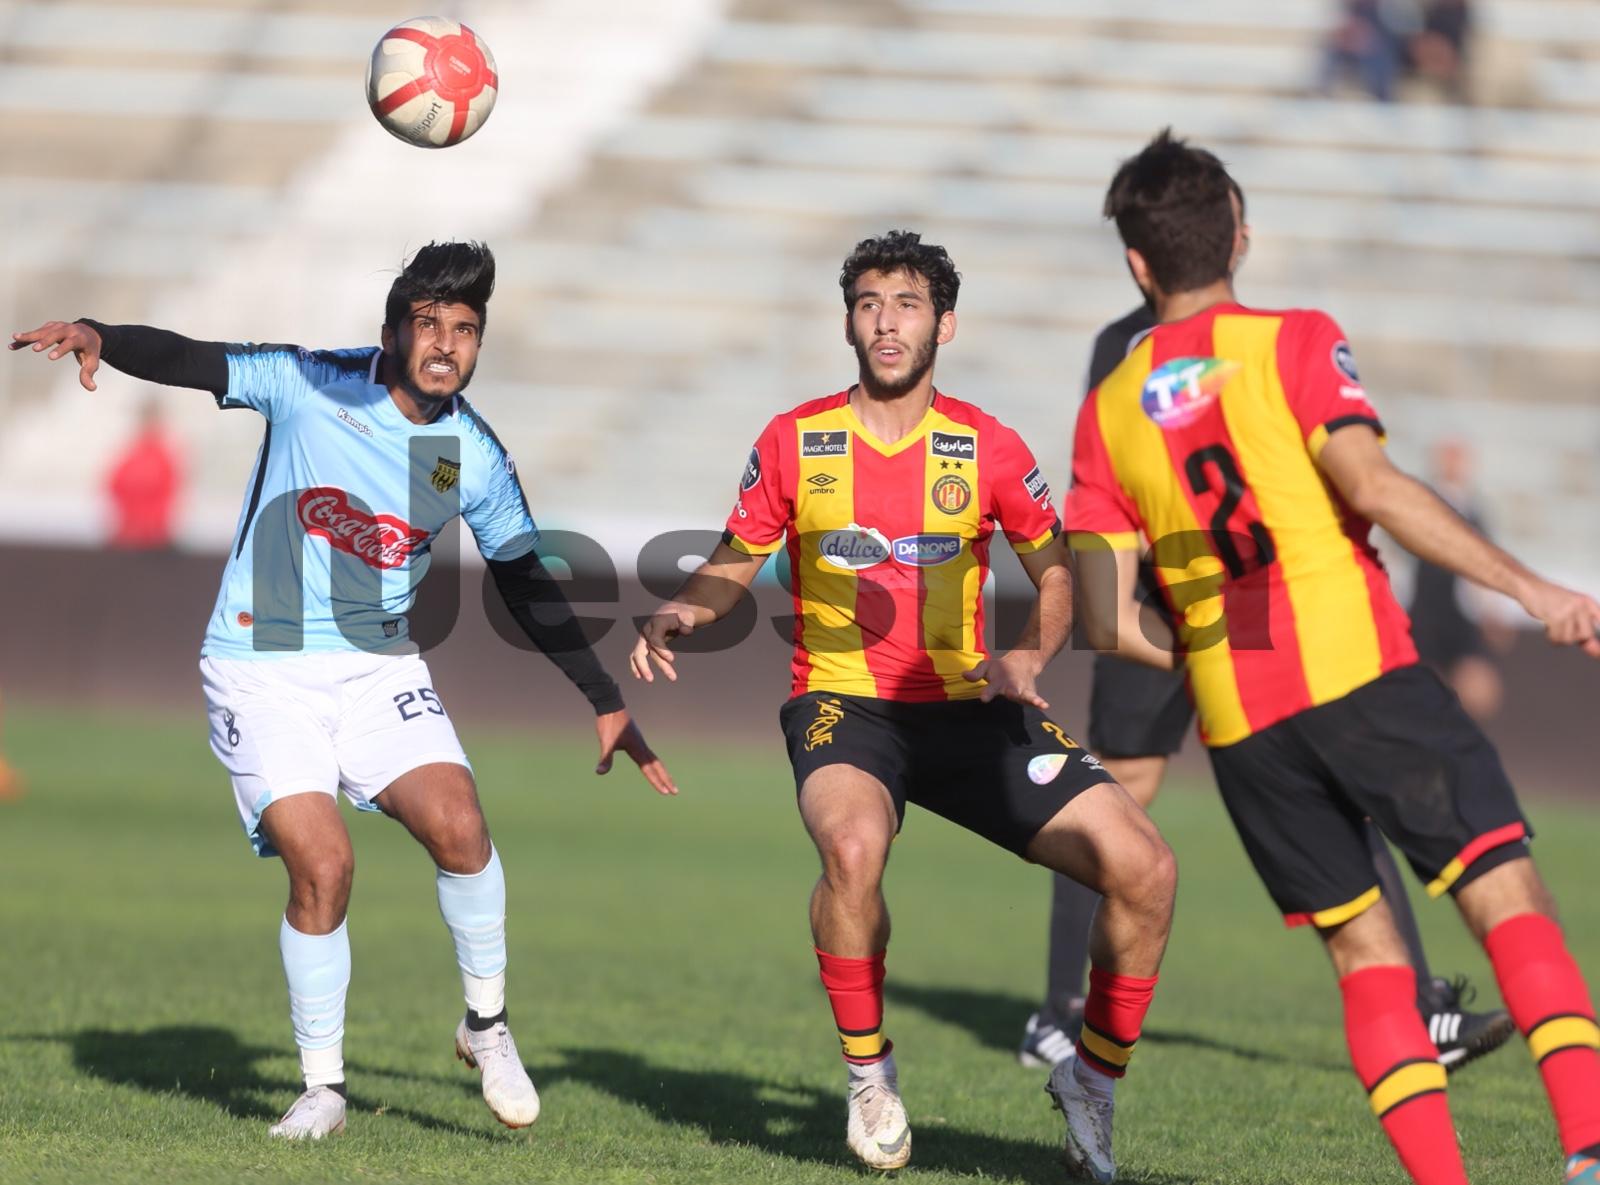 صور الشوط الثاني  من مباراة الترجي الرياضي وإتحاد بن قردان